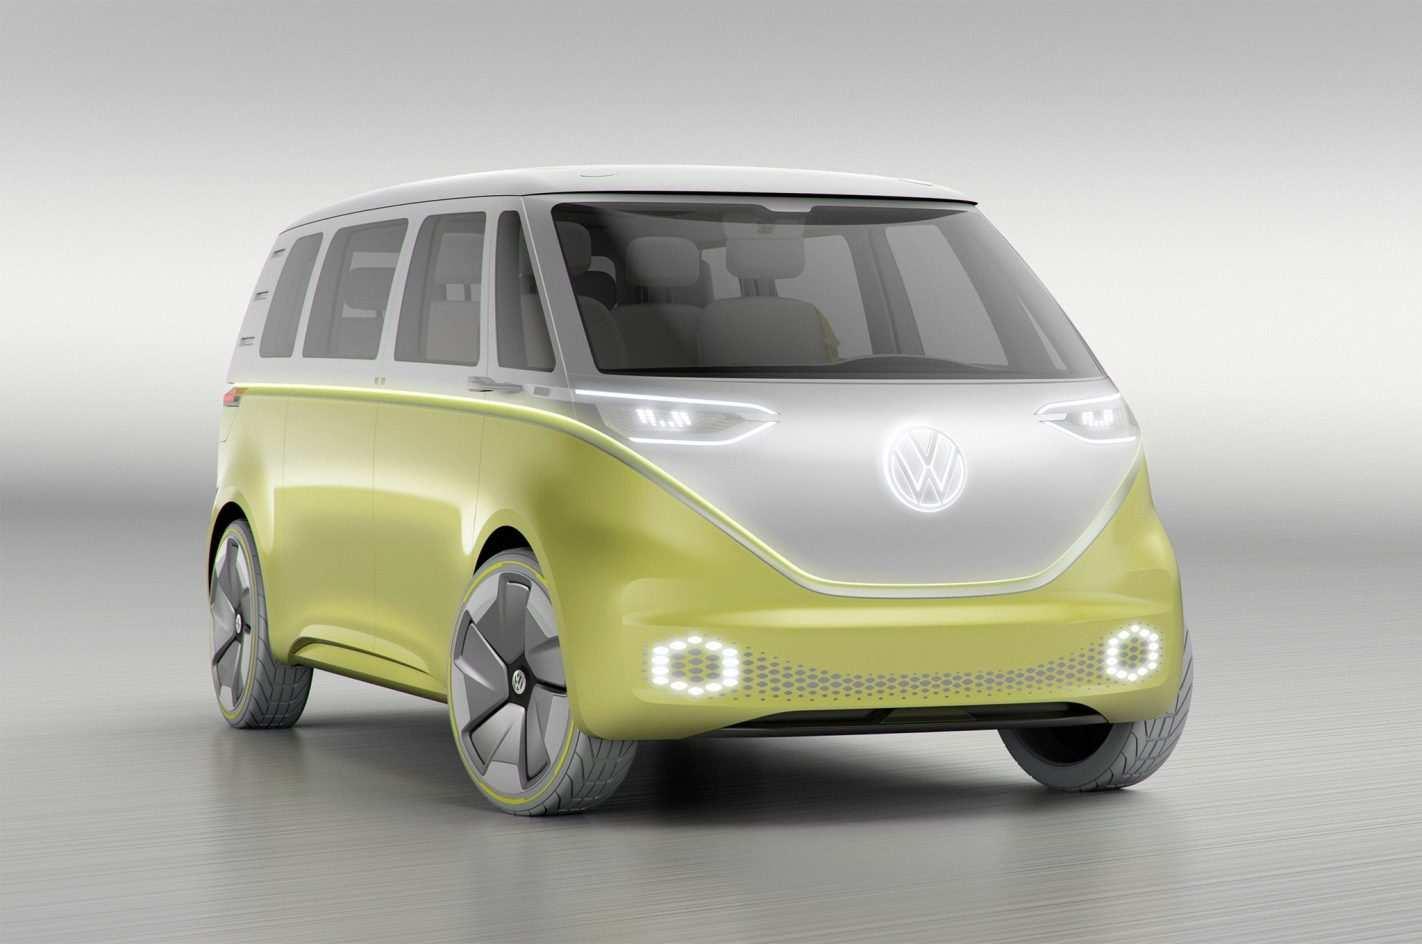 23 Gallery of Volkswagen Van 2020 Price Review for Volkswagen Van 2020 Price